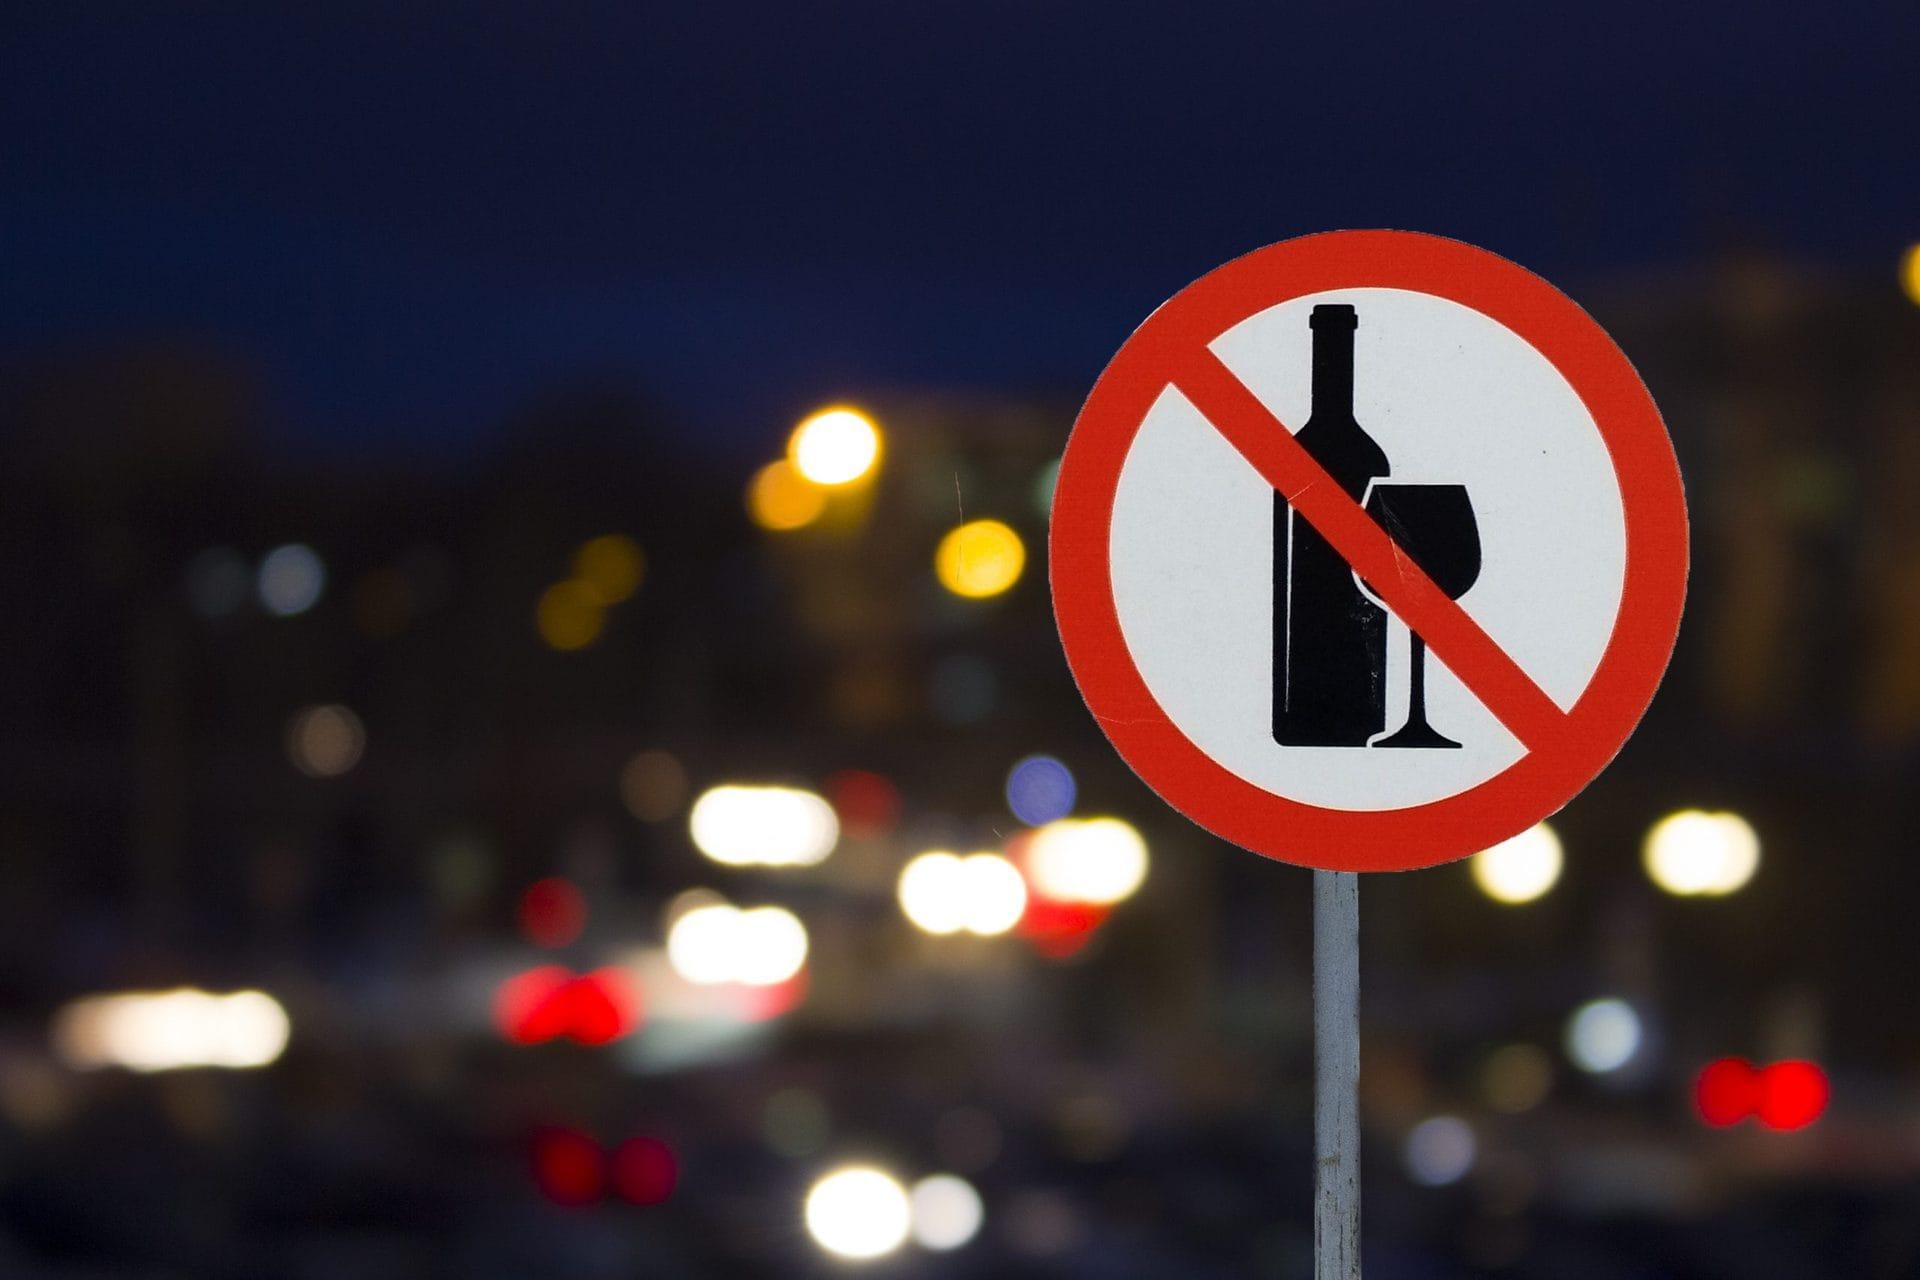 Verkauf und Konsum von Alkohol soll ab Mitternacht in der Innenstadt verboten werden Wie finden Sie den Vorschlag?